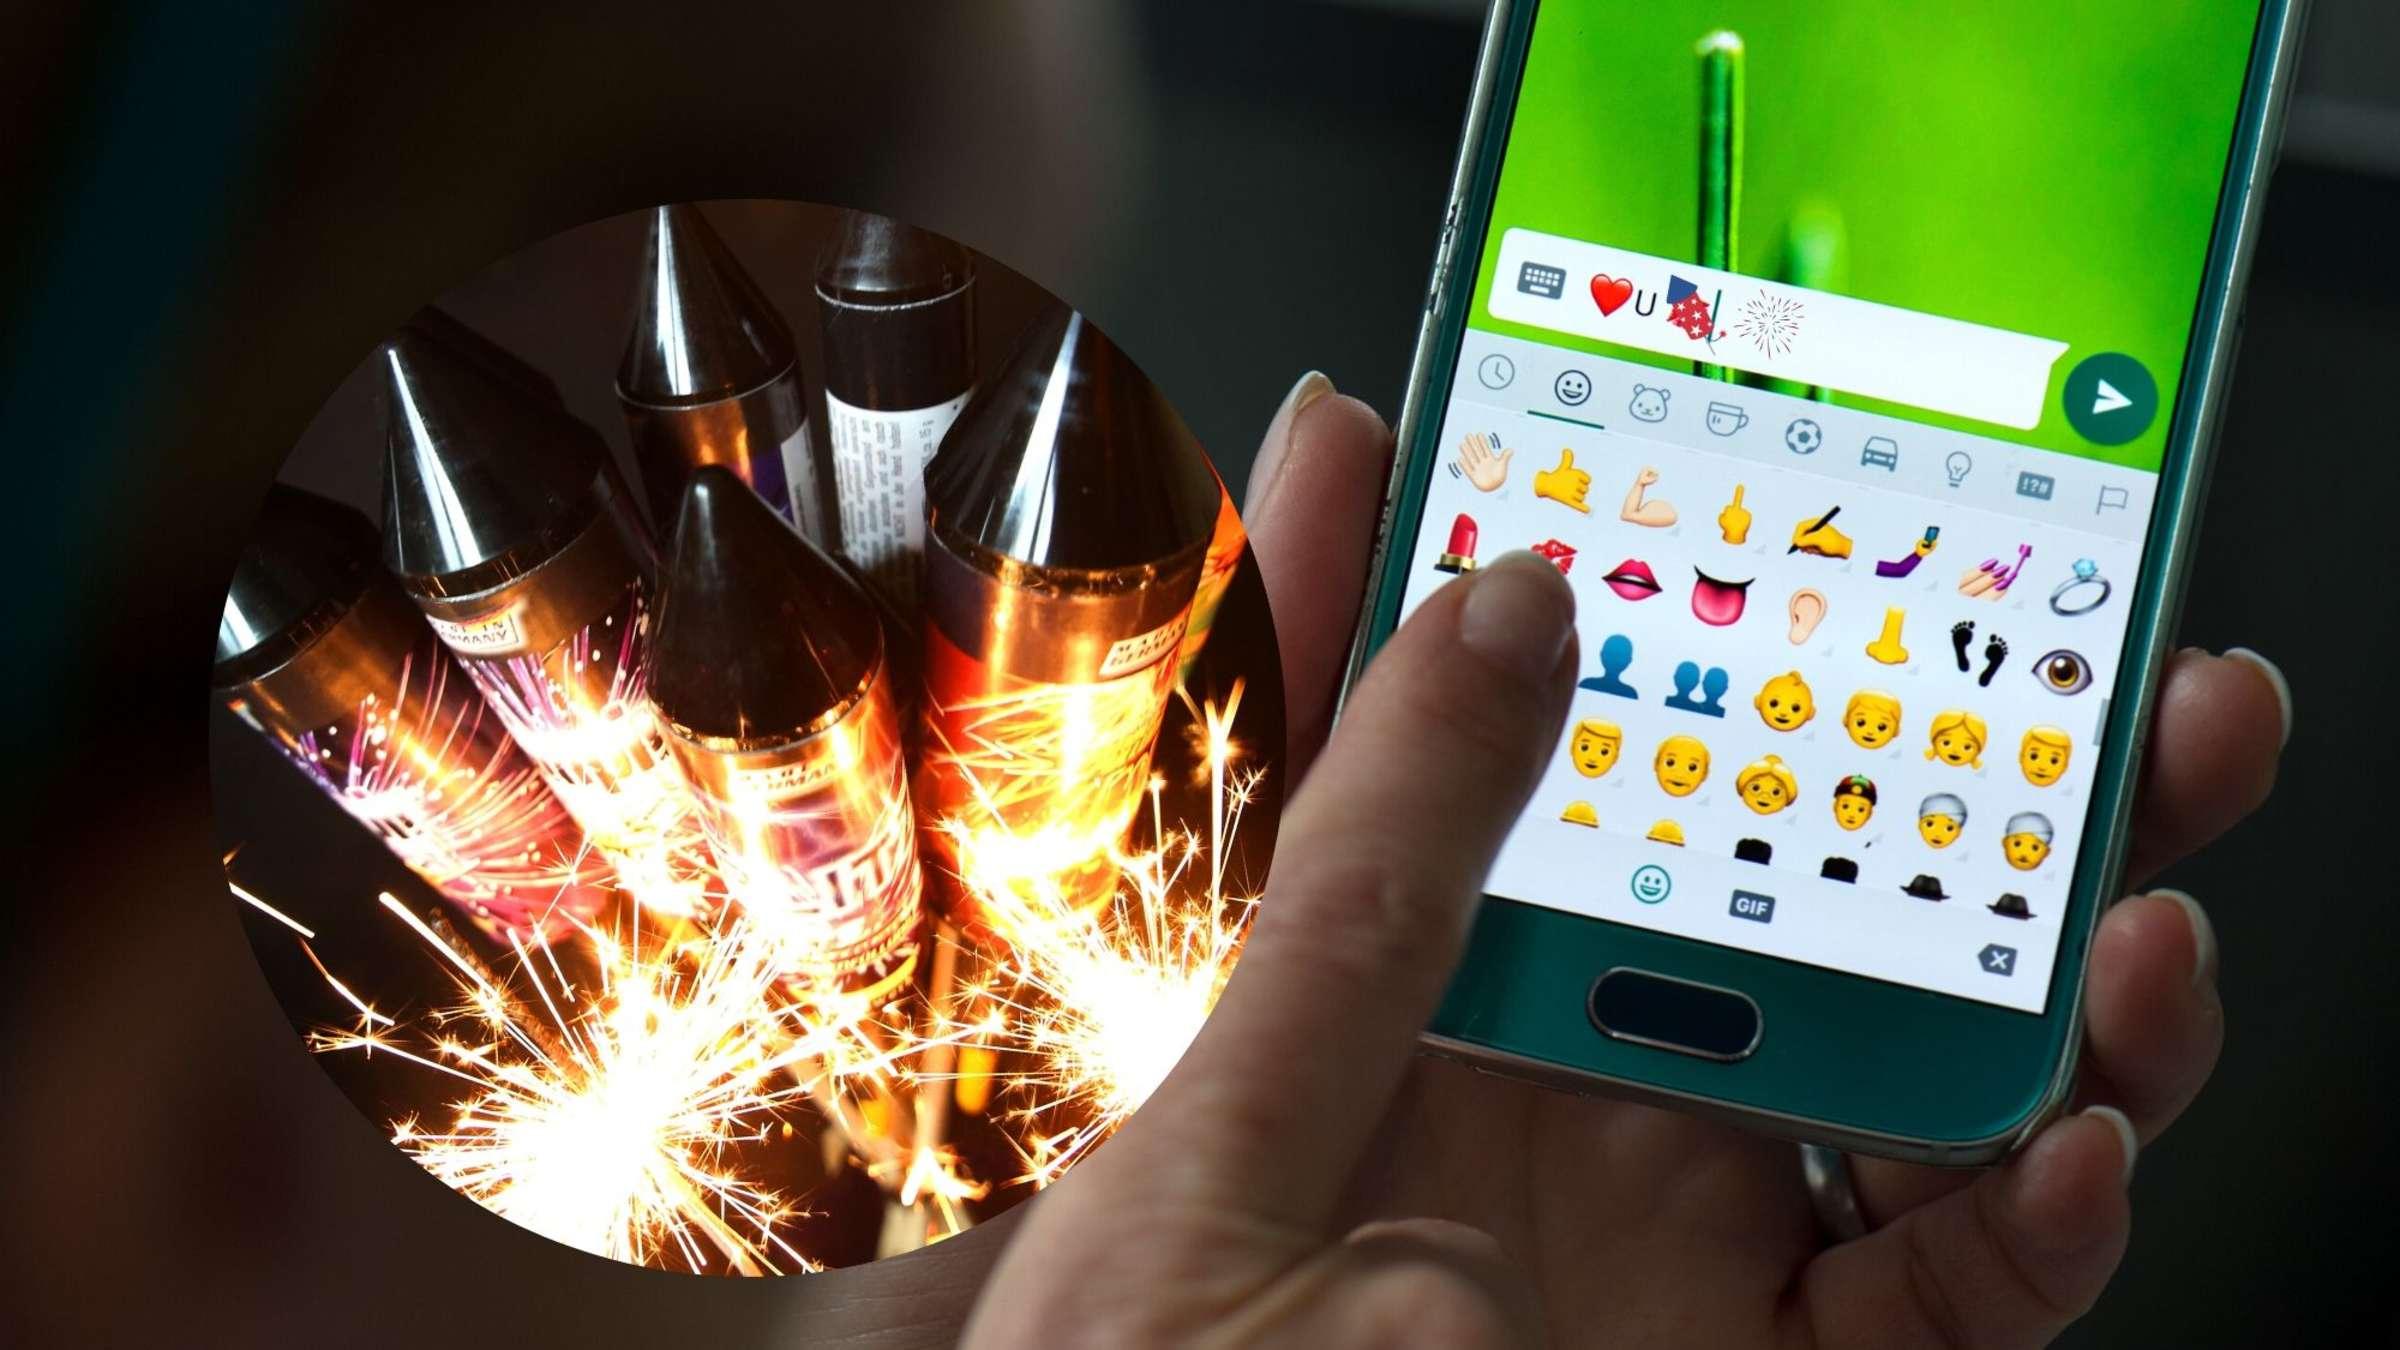 Neujahrs Spruche Fur Whatsapp Passende Wunsche Und Grusse Fur Das